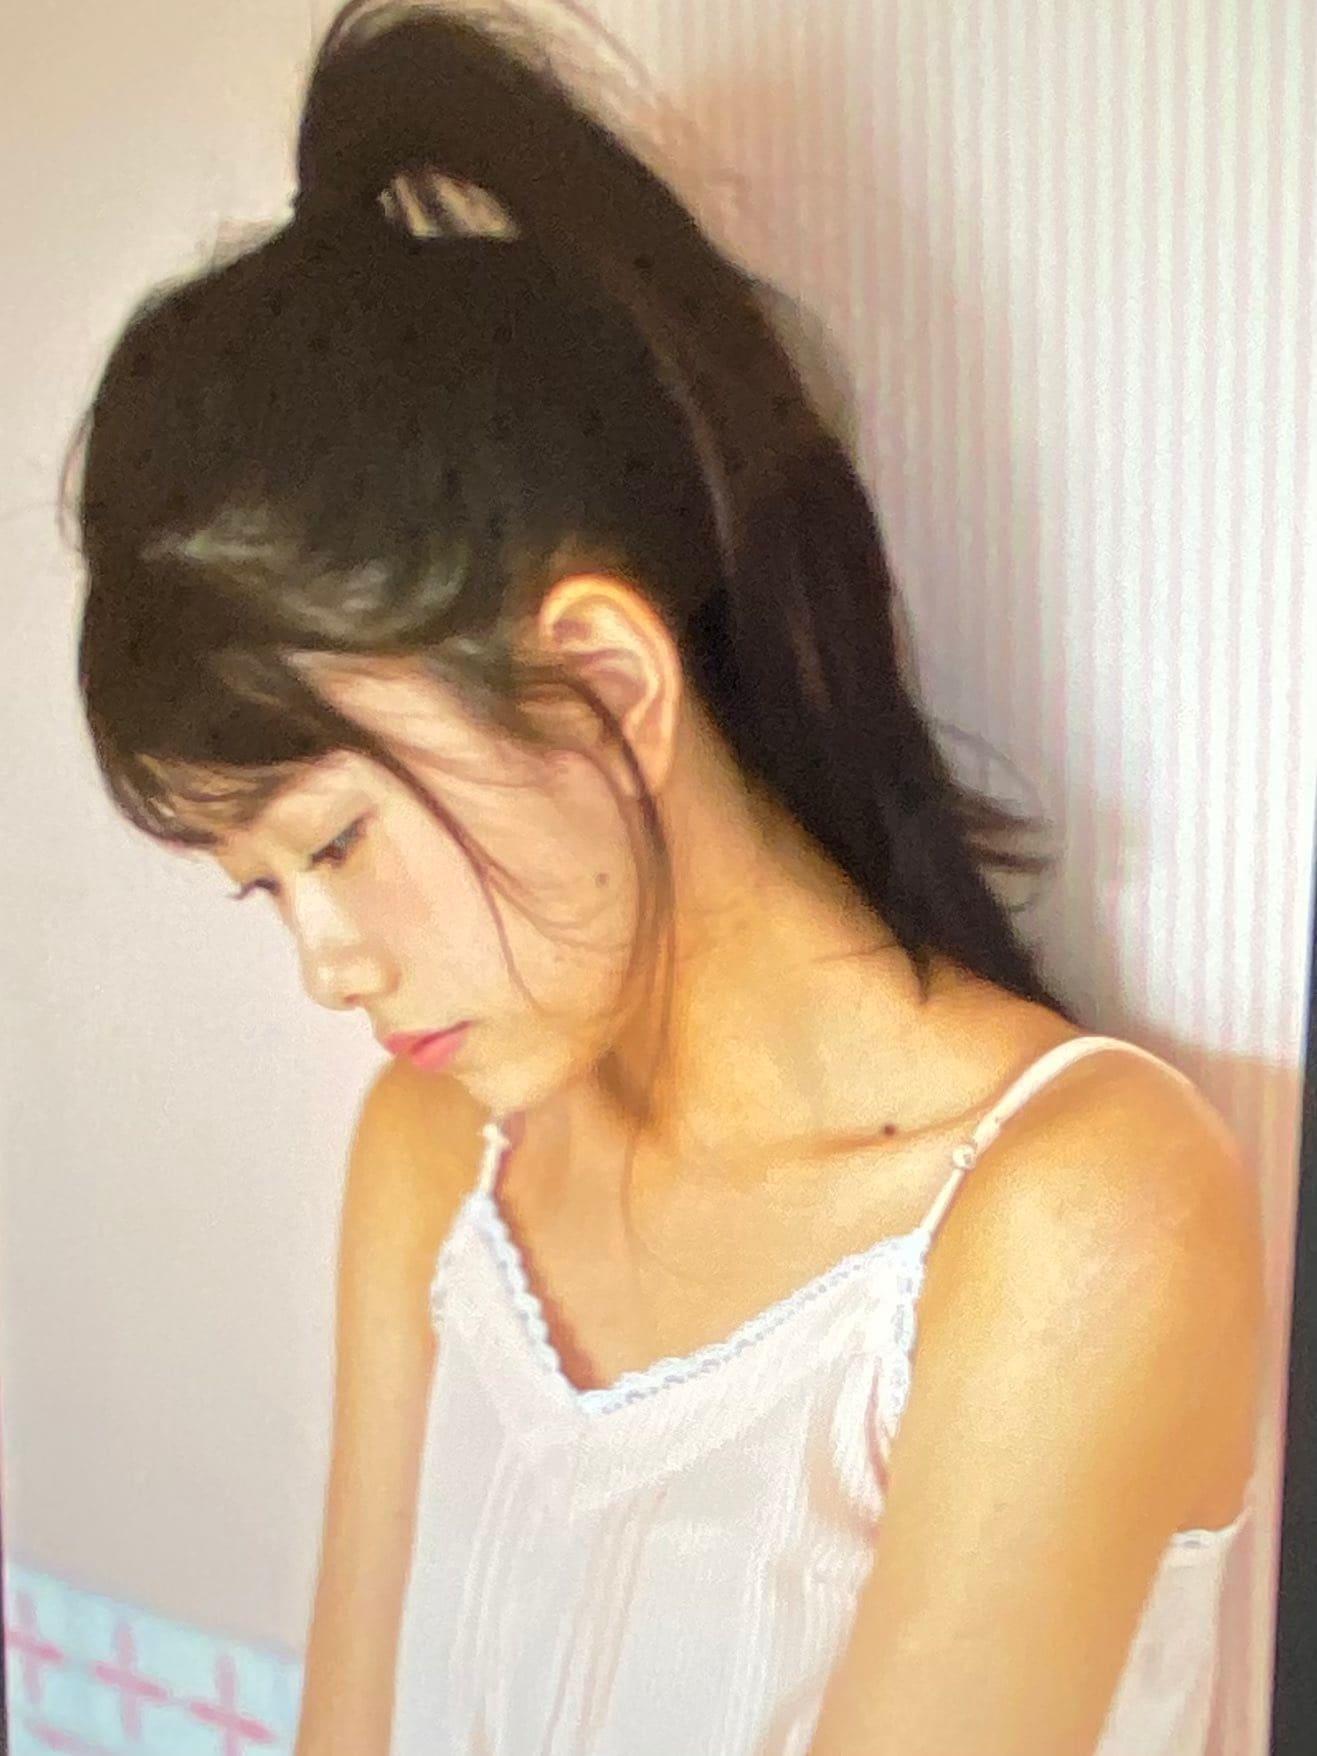 AKB48千葉恵里「幼さと大人らしさの共存…」雑誌撮影のオフショットを公開【画像4枚】の画像001